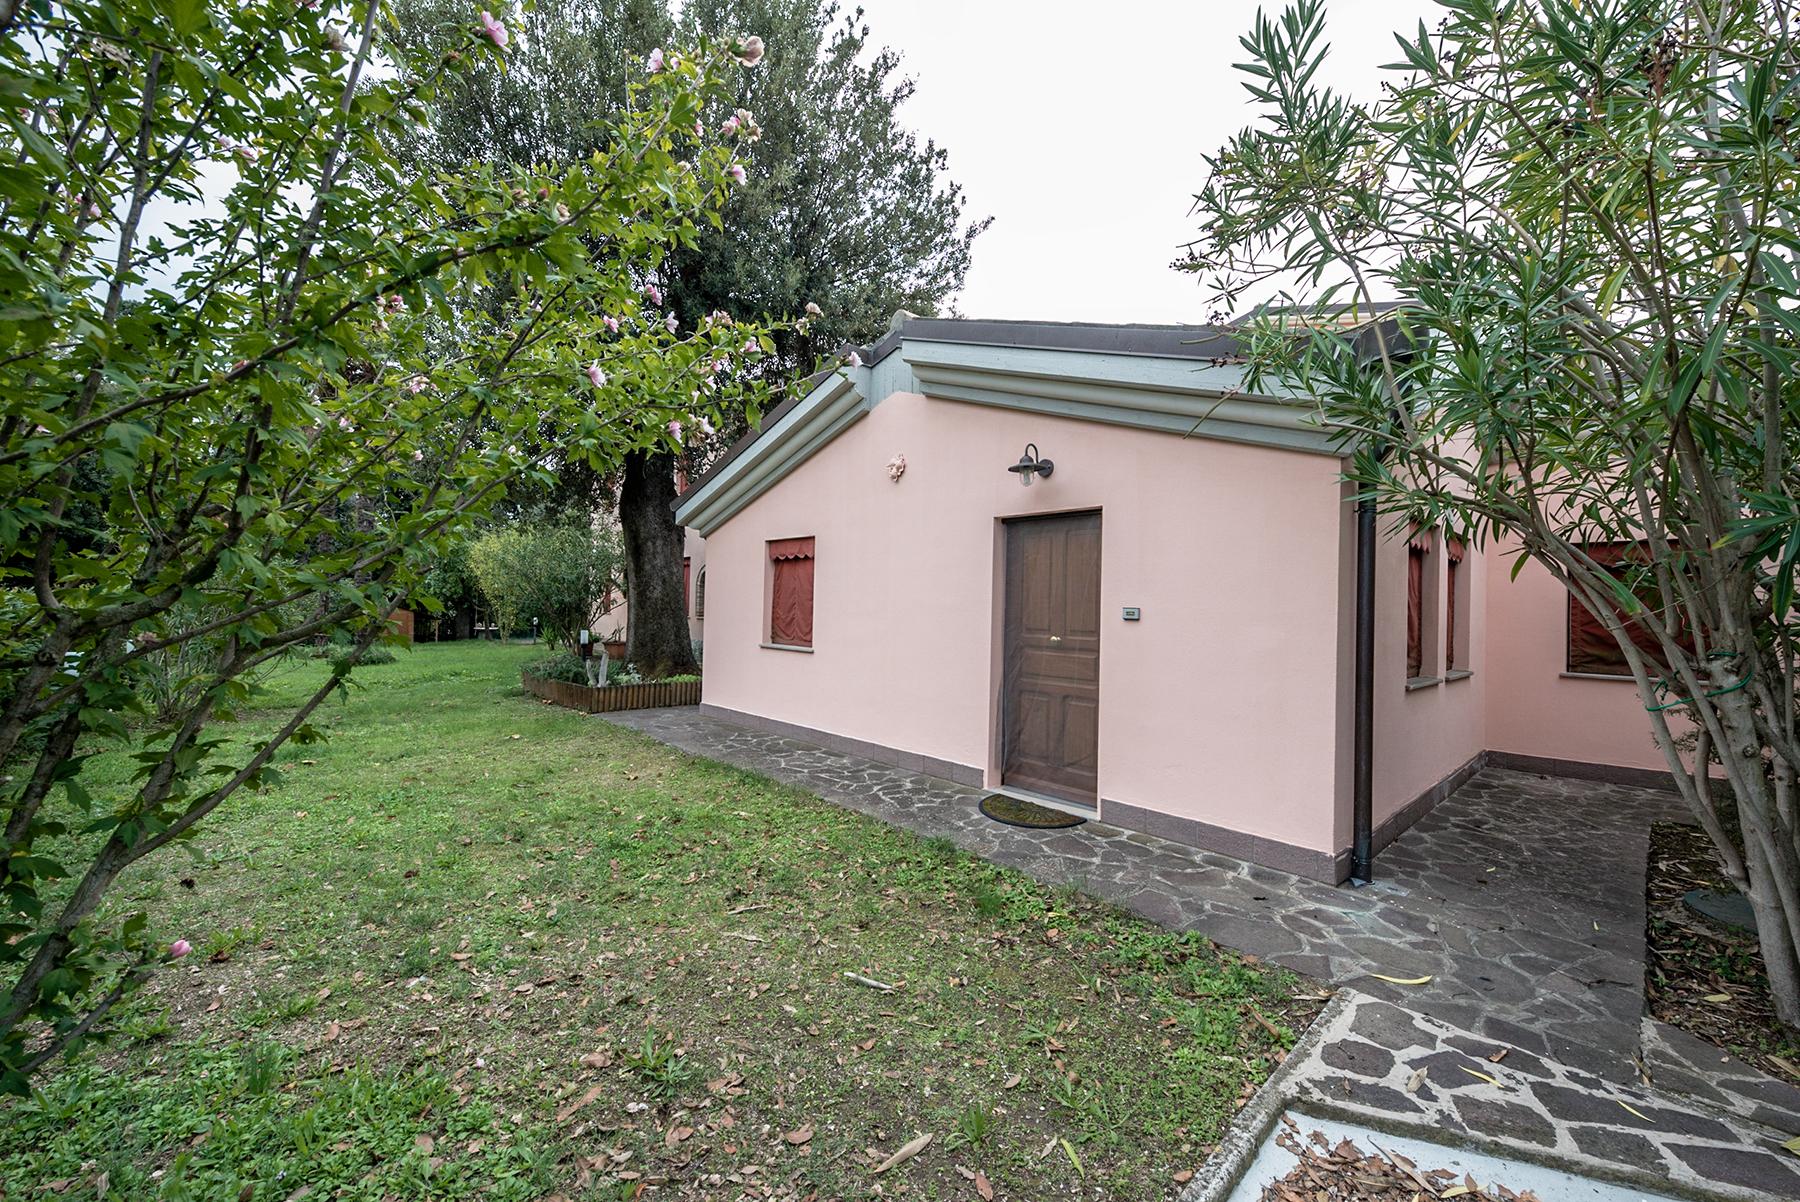 Villa in Vendita a Mondolfo: 5 locali, 240 mq - Foto 9